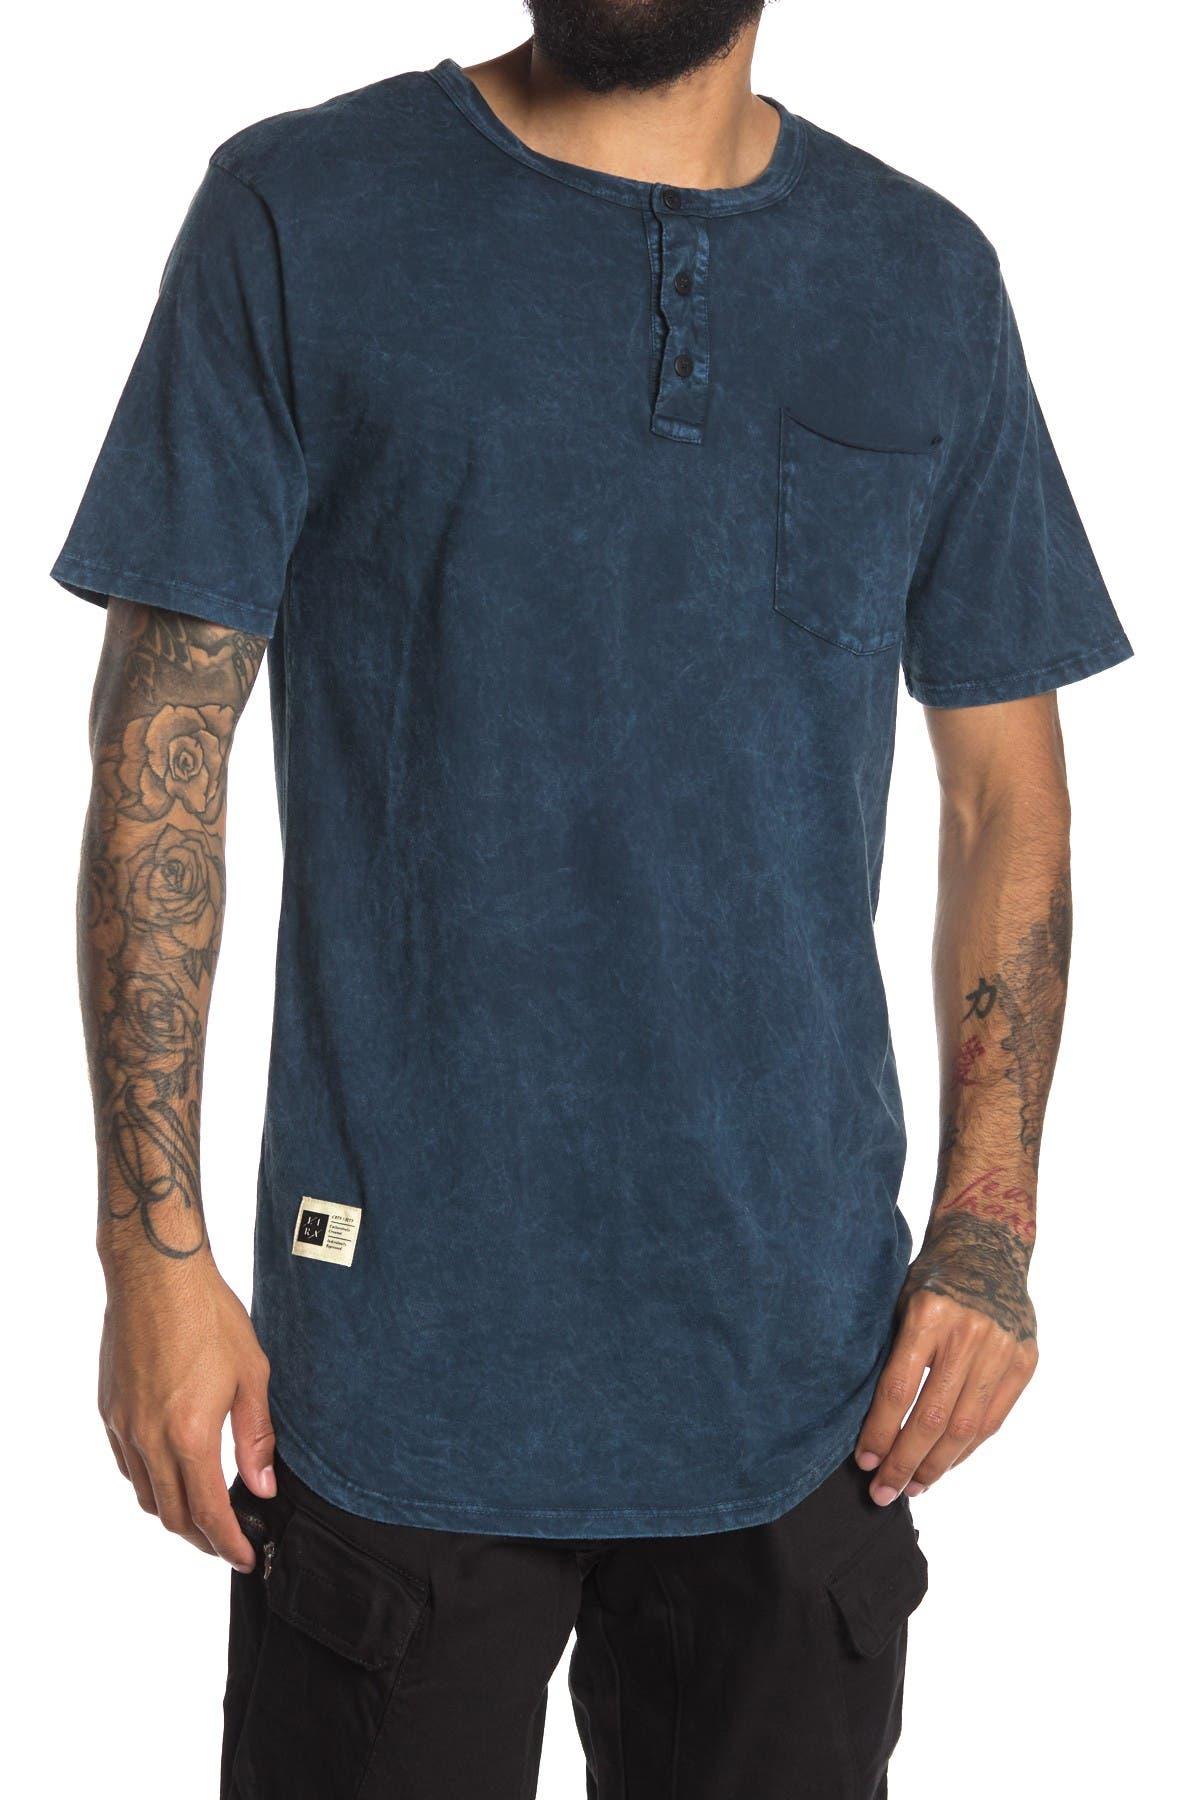 Image of LIRA CLOTHING Benny Short Sleeve Henley T-Shirt